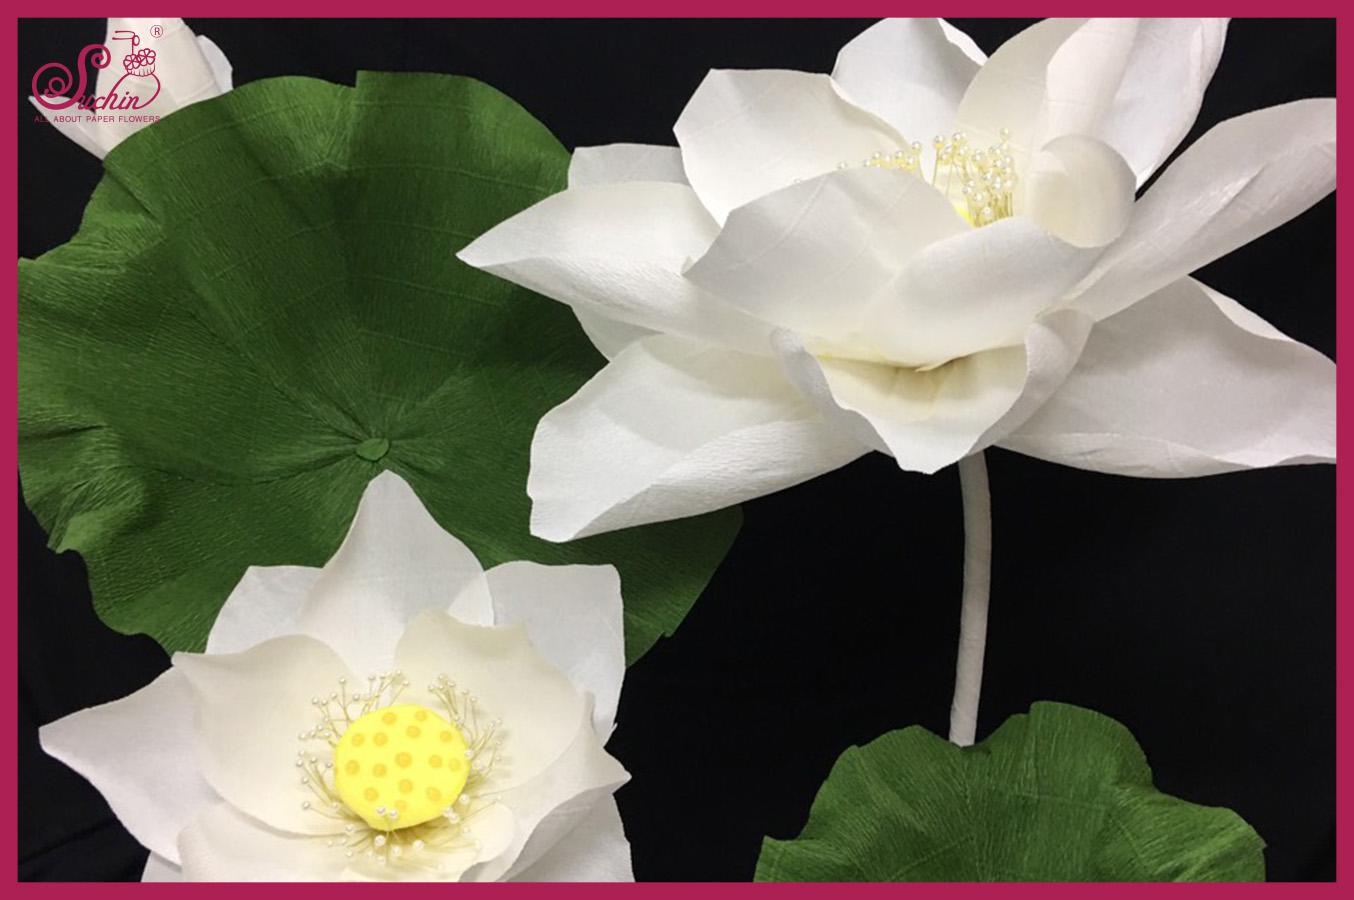 Hoa sen giấy - nền nã, nhẹ nhàng cho các sự kiện truyền thống đất Việt